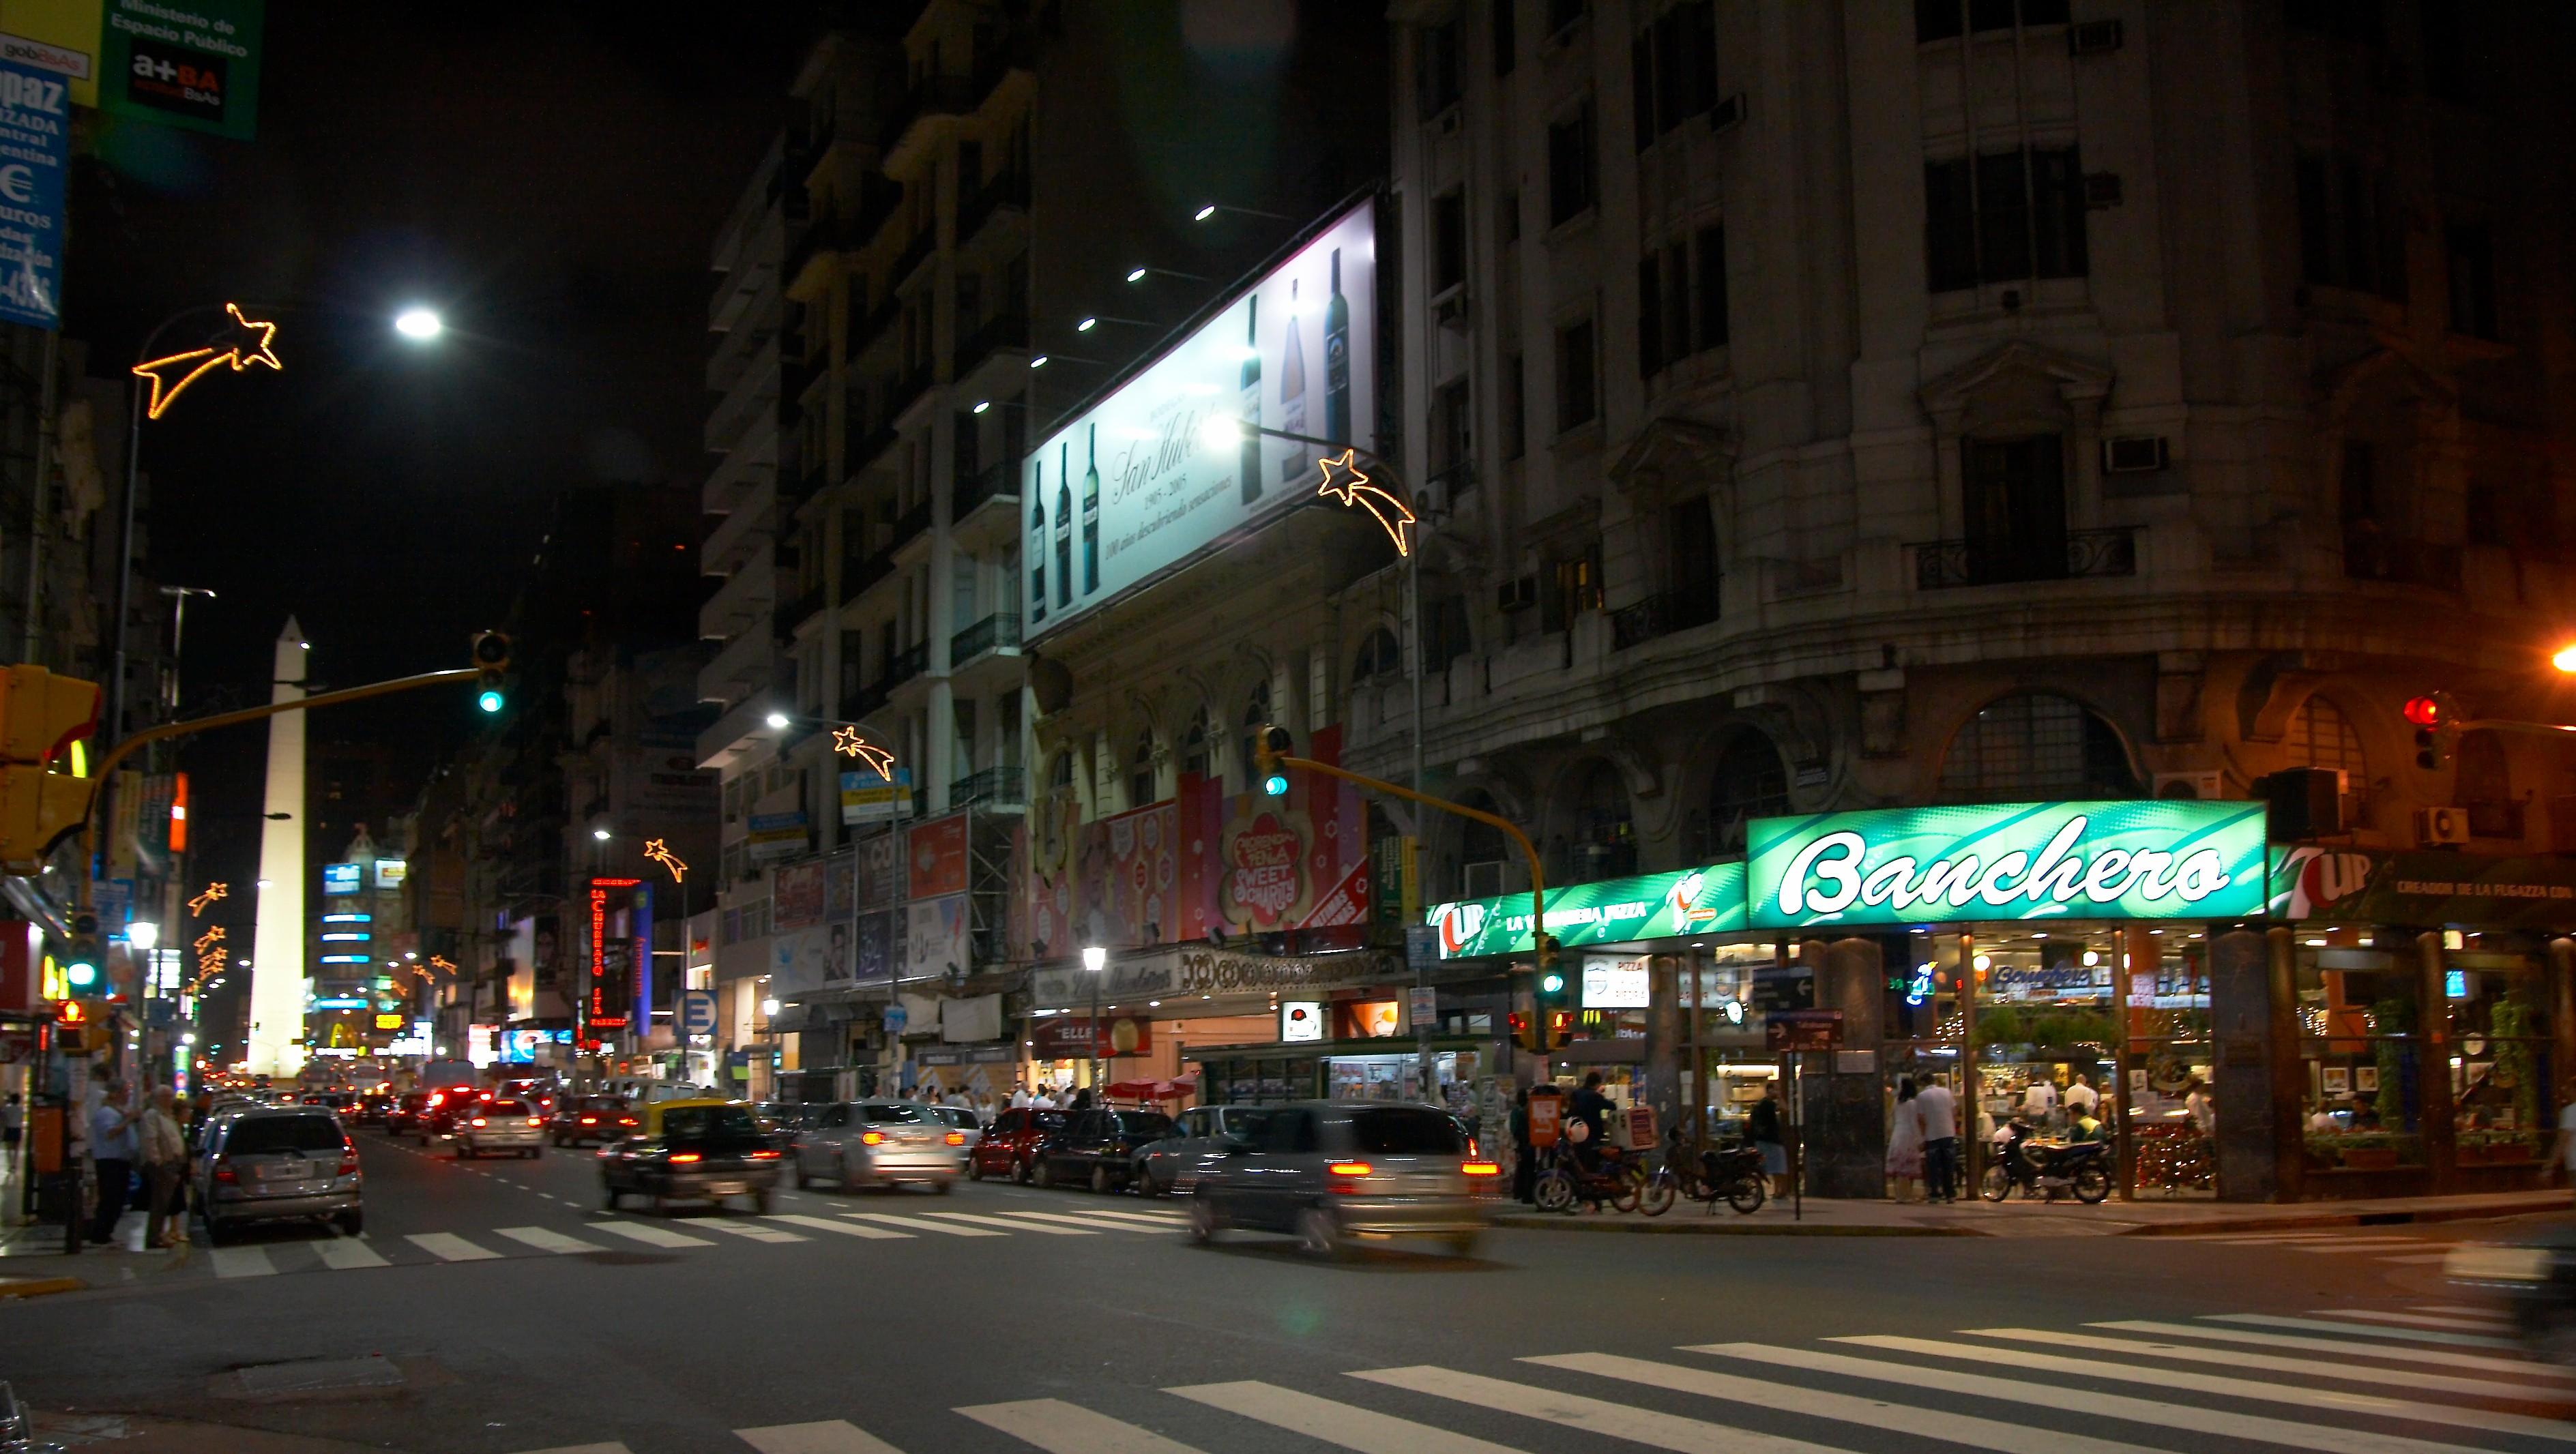 Avenidas - En la Avenida Corrientes han transitado las personalidades más destacadas del país y del mundo.